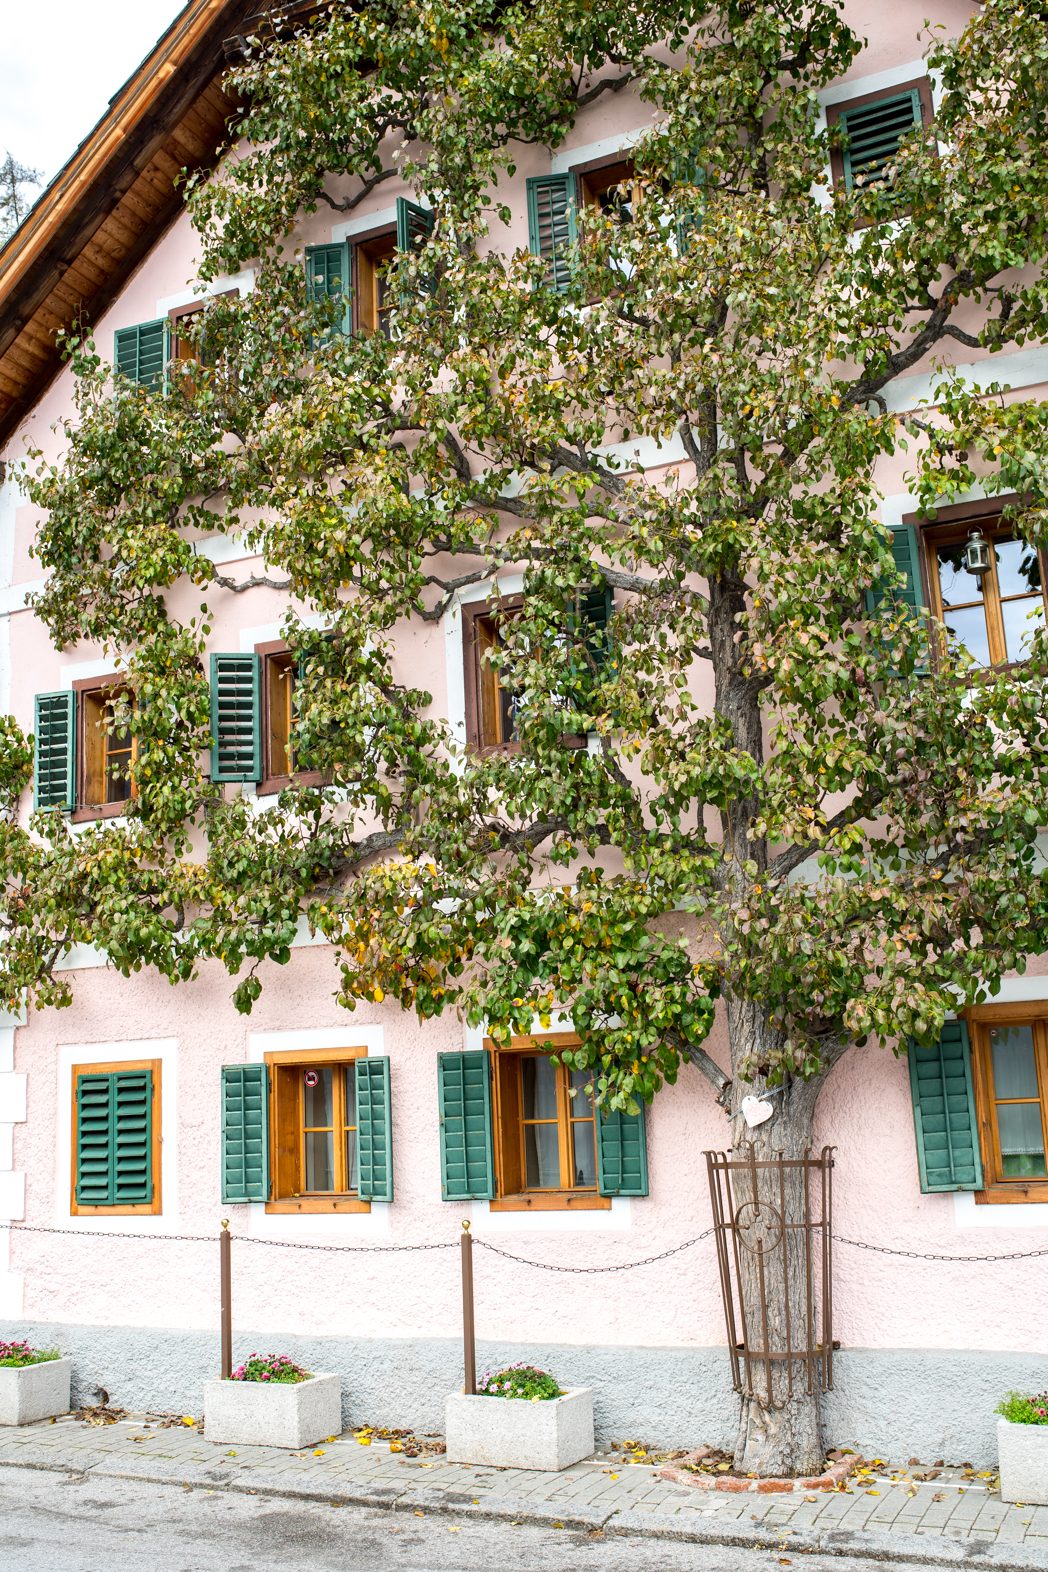 Stacie Flinner Halstatt Austria Guide-6.jpg